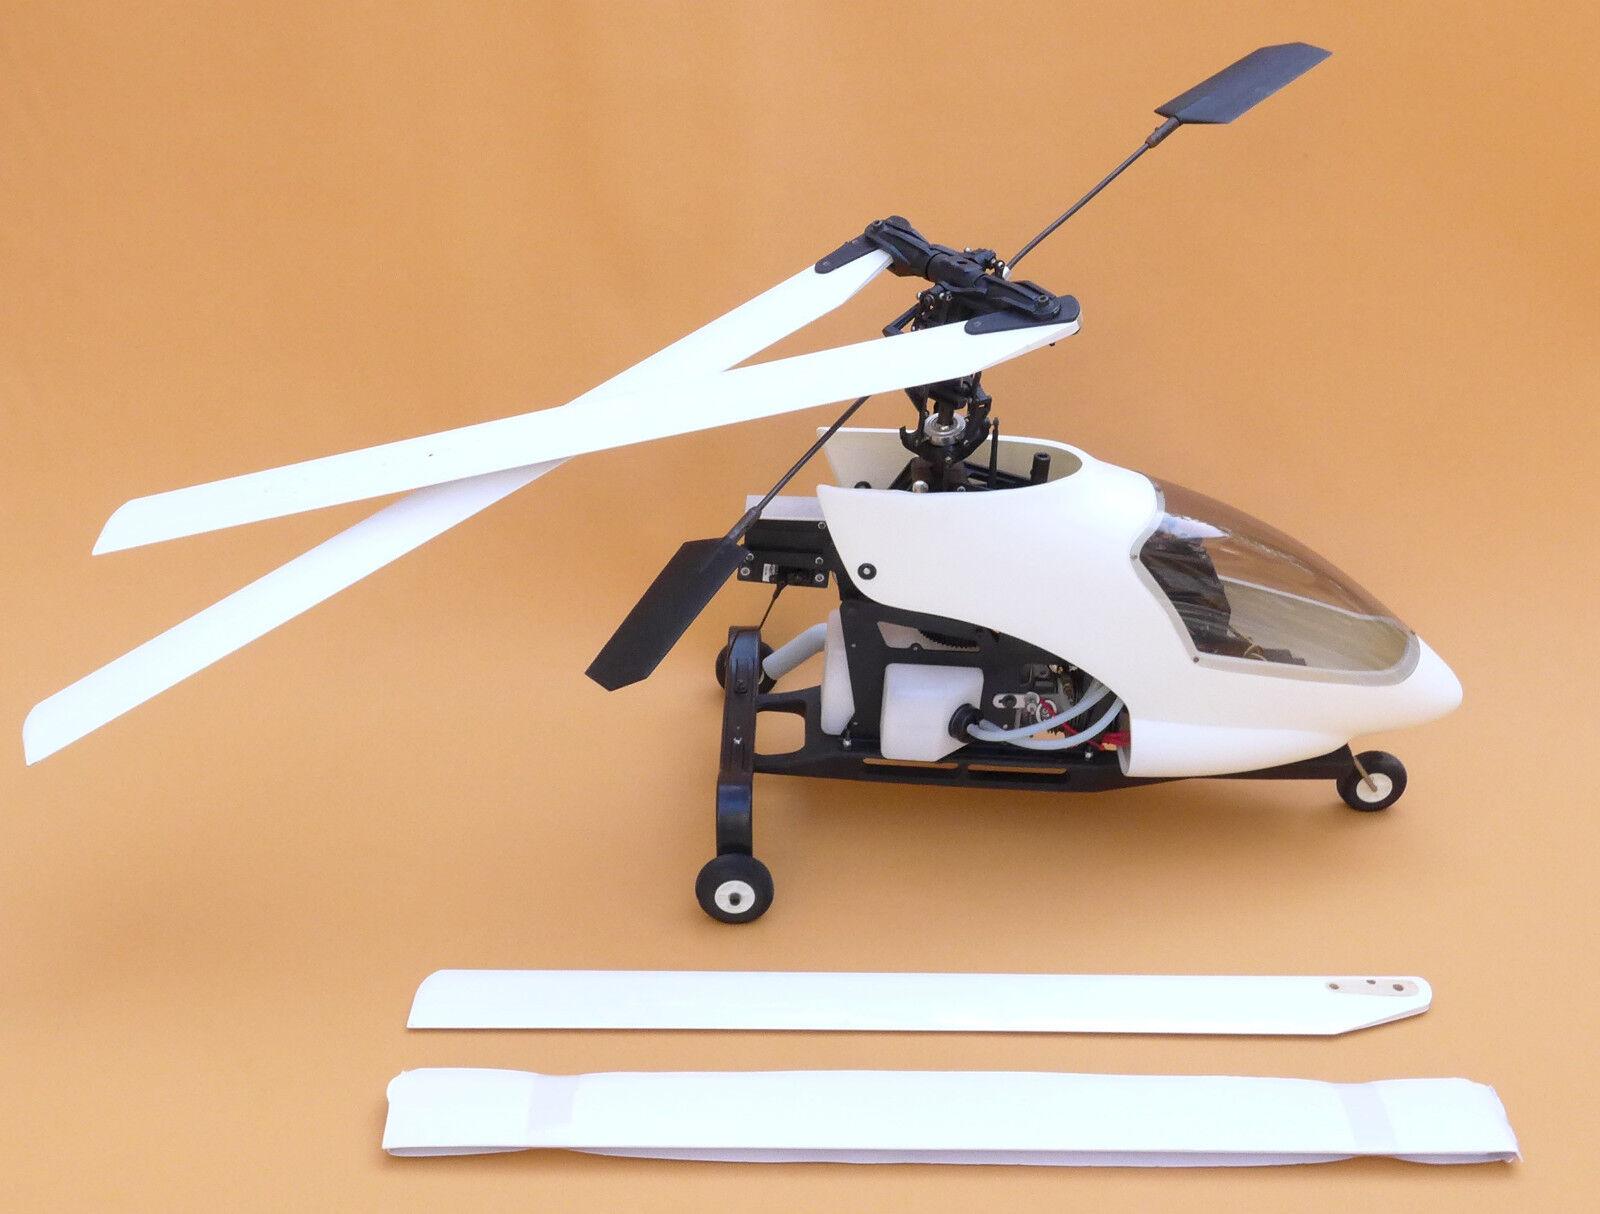 Elicottero a scoppio gasoline rc helicopter radiocomandato mai usato never used